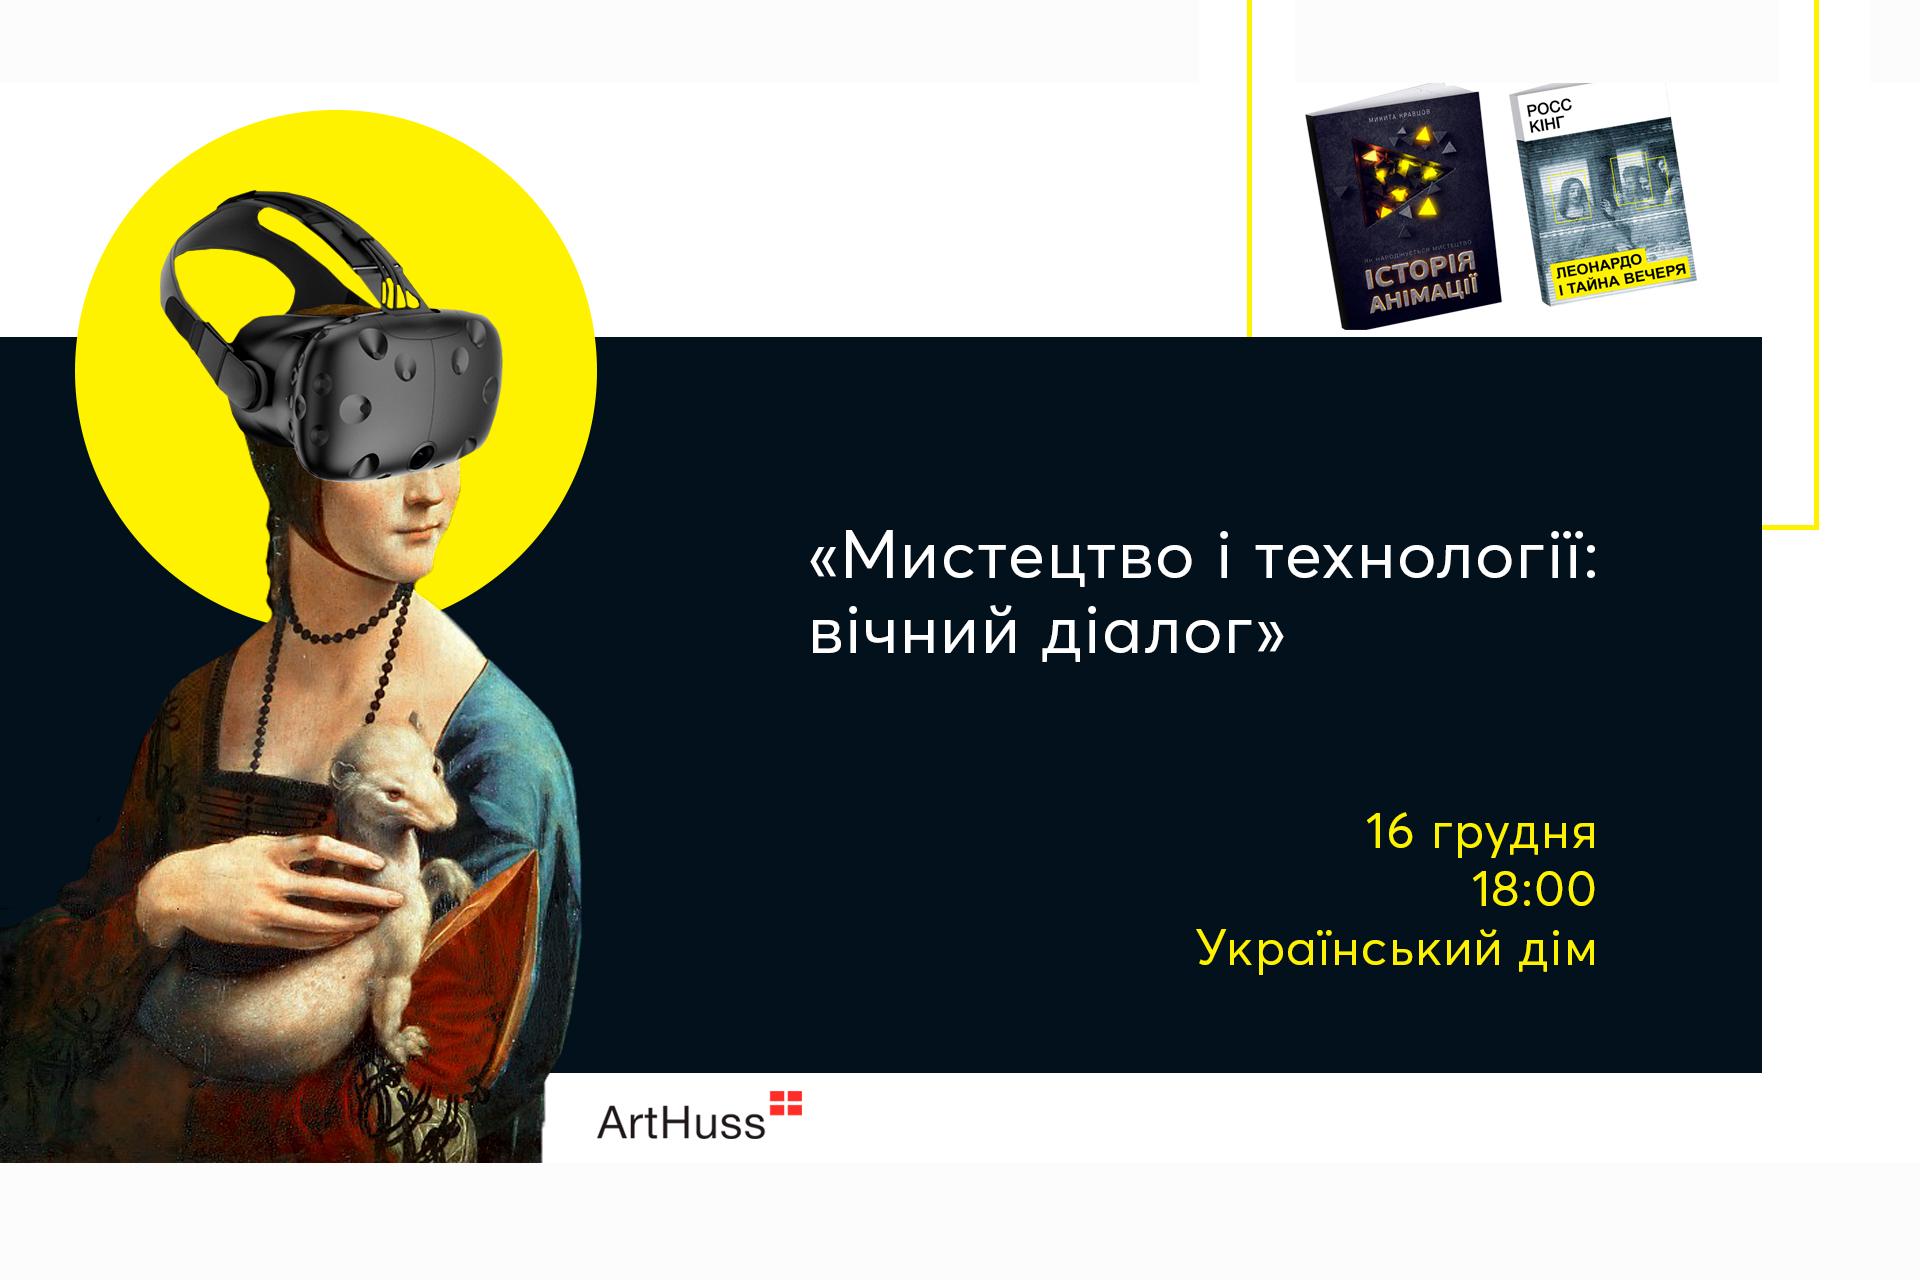 Видавництво ArtHuss запрошує на дискусію «Мистецтво і технології: вічний діалог»